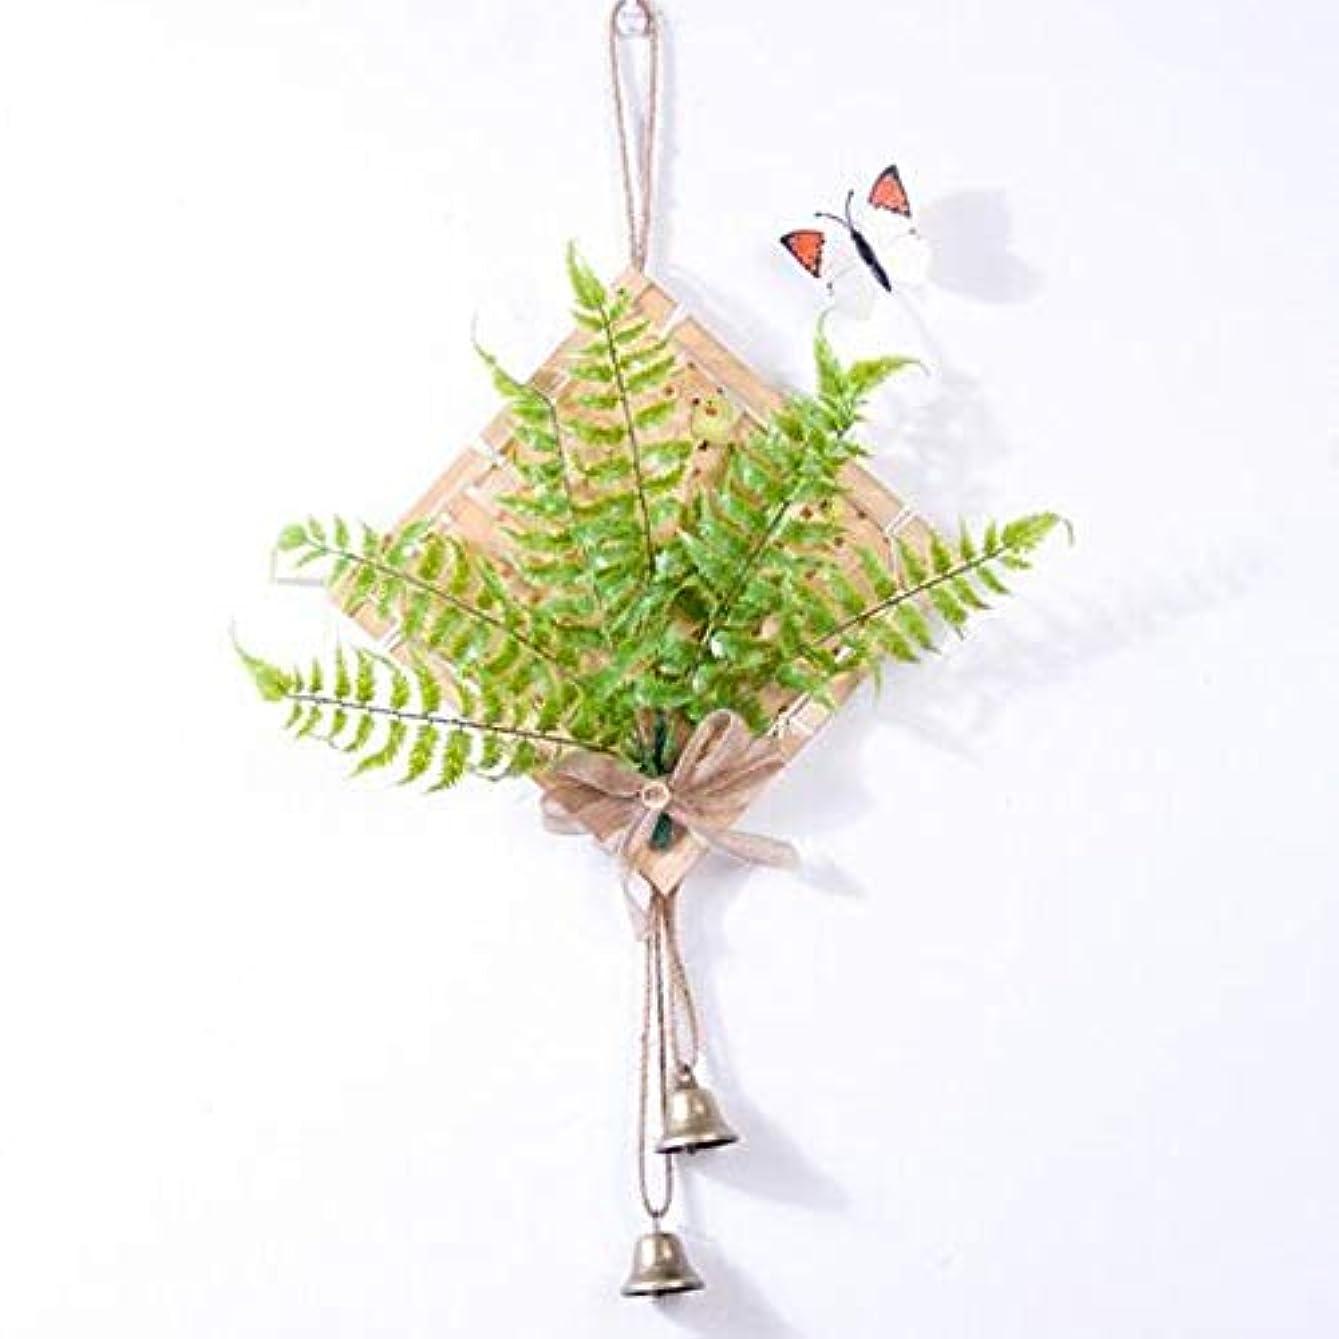 雰囲気マウス鎮静剤Gaoxingbianlidian001 風チャイム、クリエイティブ?竹風チャイム、白、幅28.5cmくらい,楽しいホリデーギフト (Color : Green)